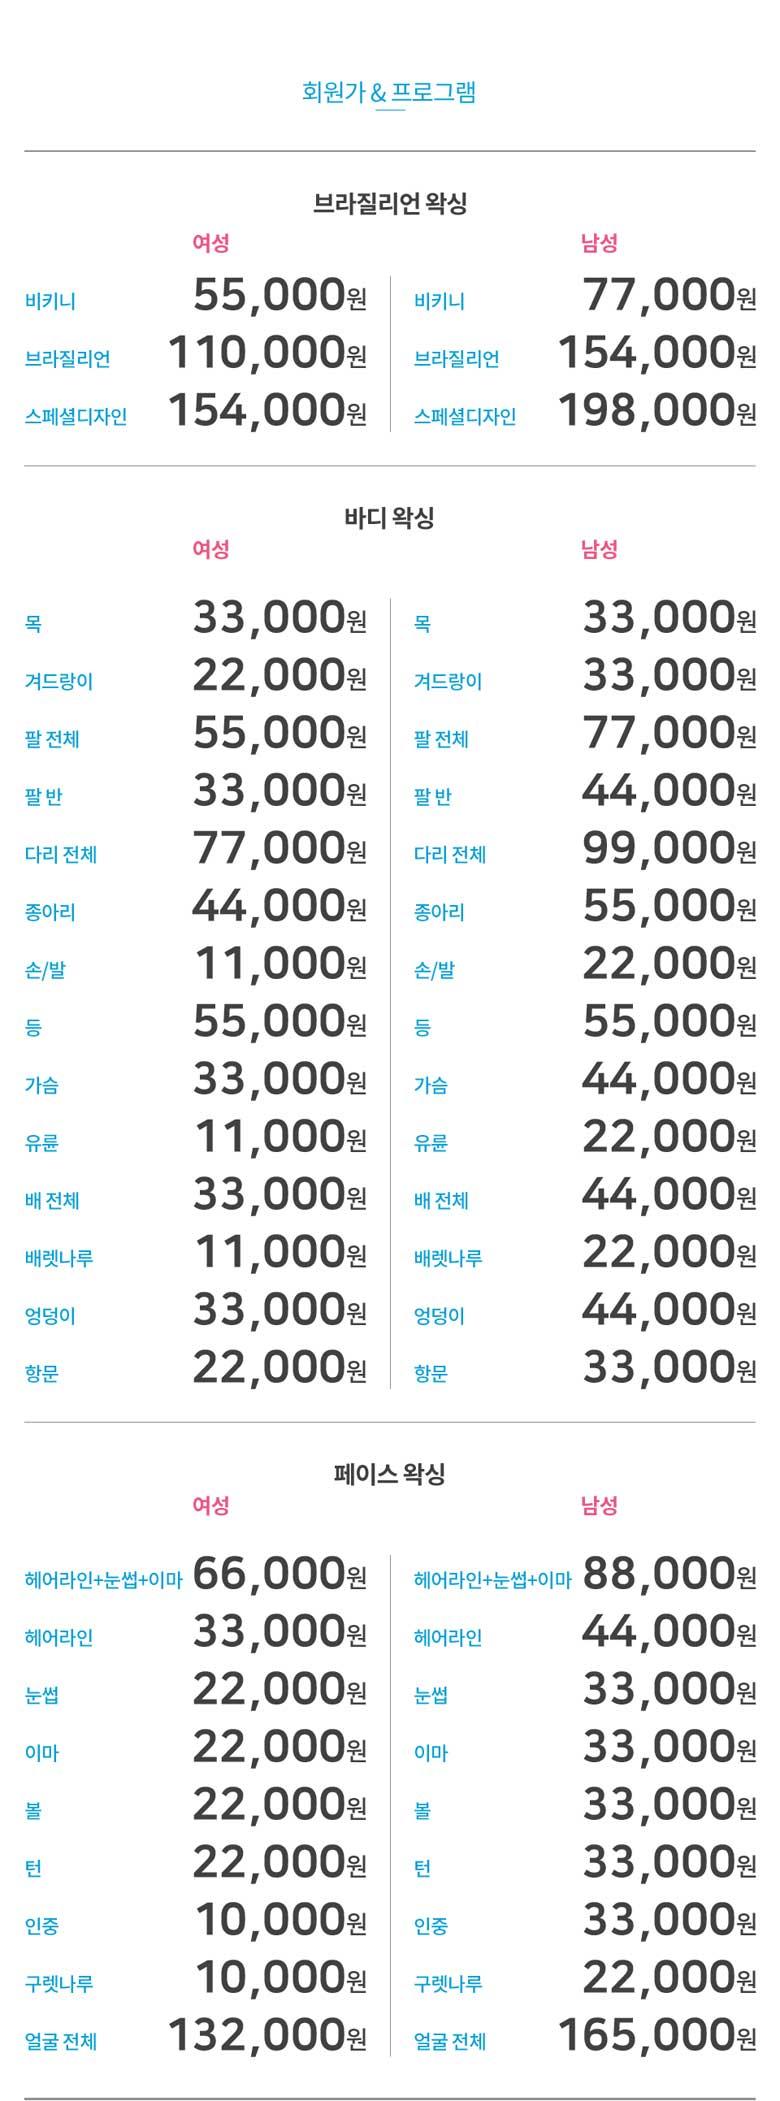 홍대왁싱_서울_마포구_서교동_홍대입구역_그레이왁싱_업체가격